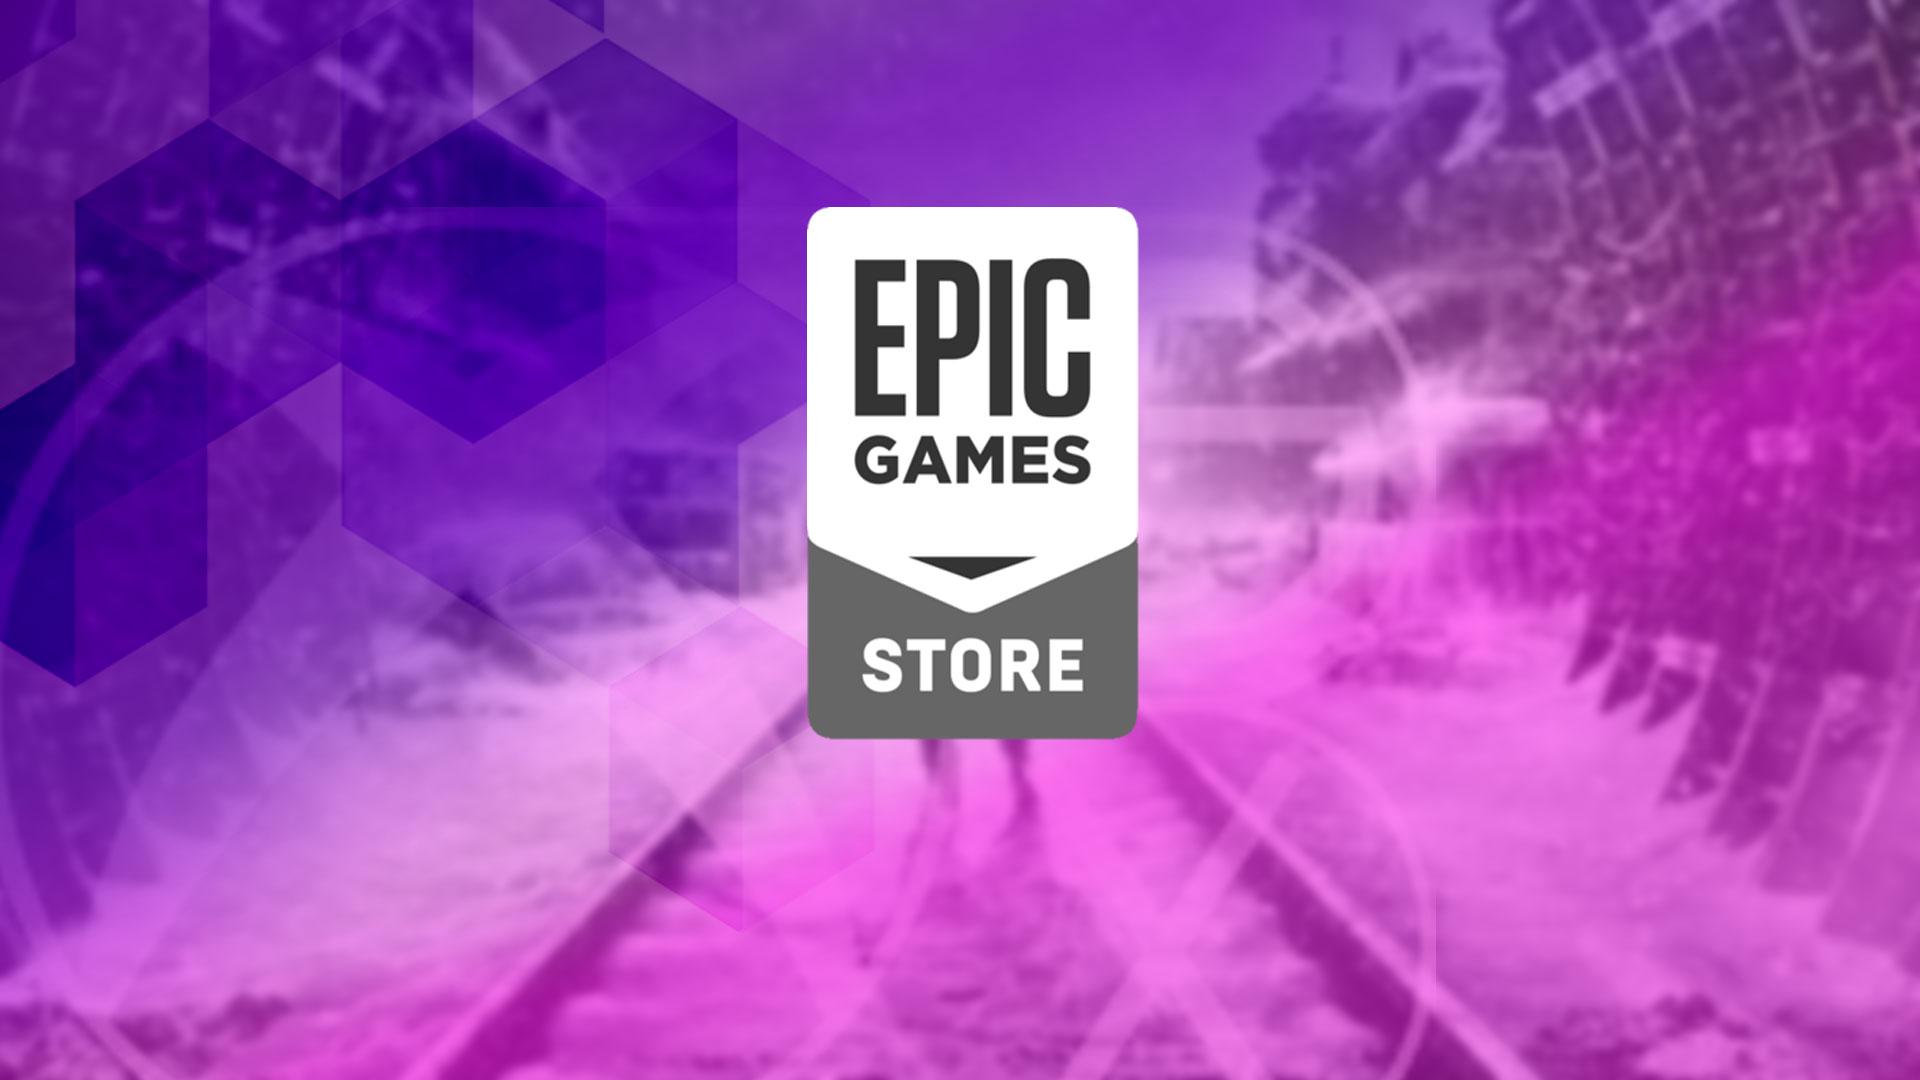 اتحاد سونی و Epic Games – مشارکت دو غول دنیای سرگرمی با یکدیگر